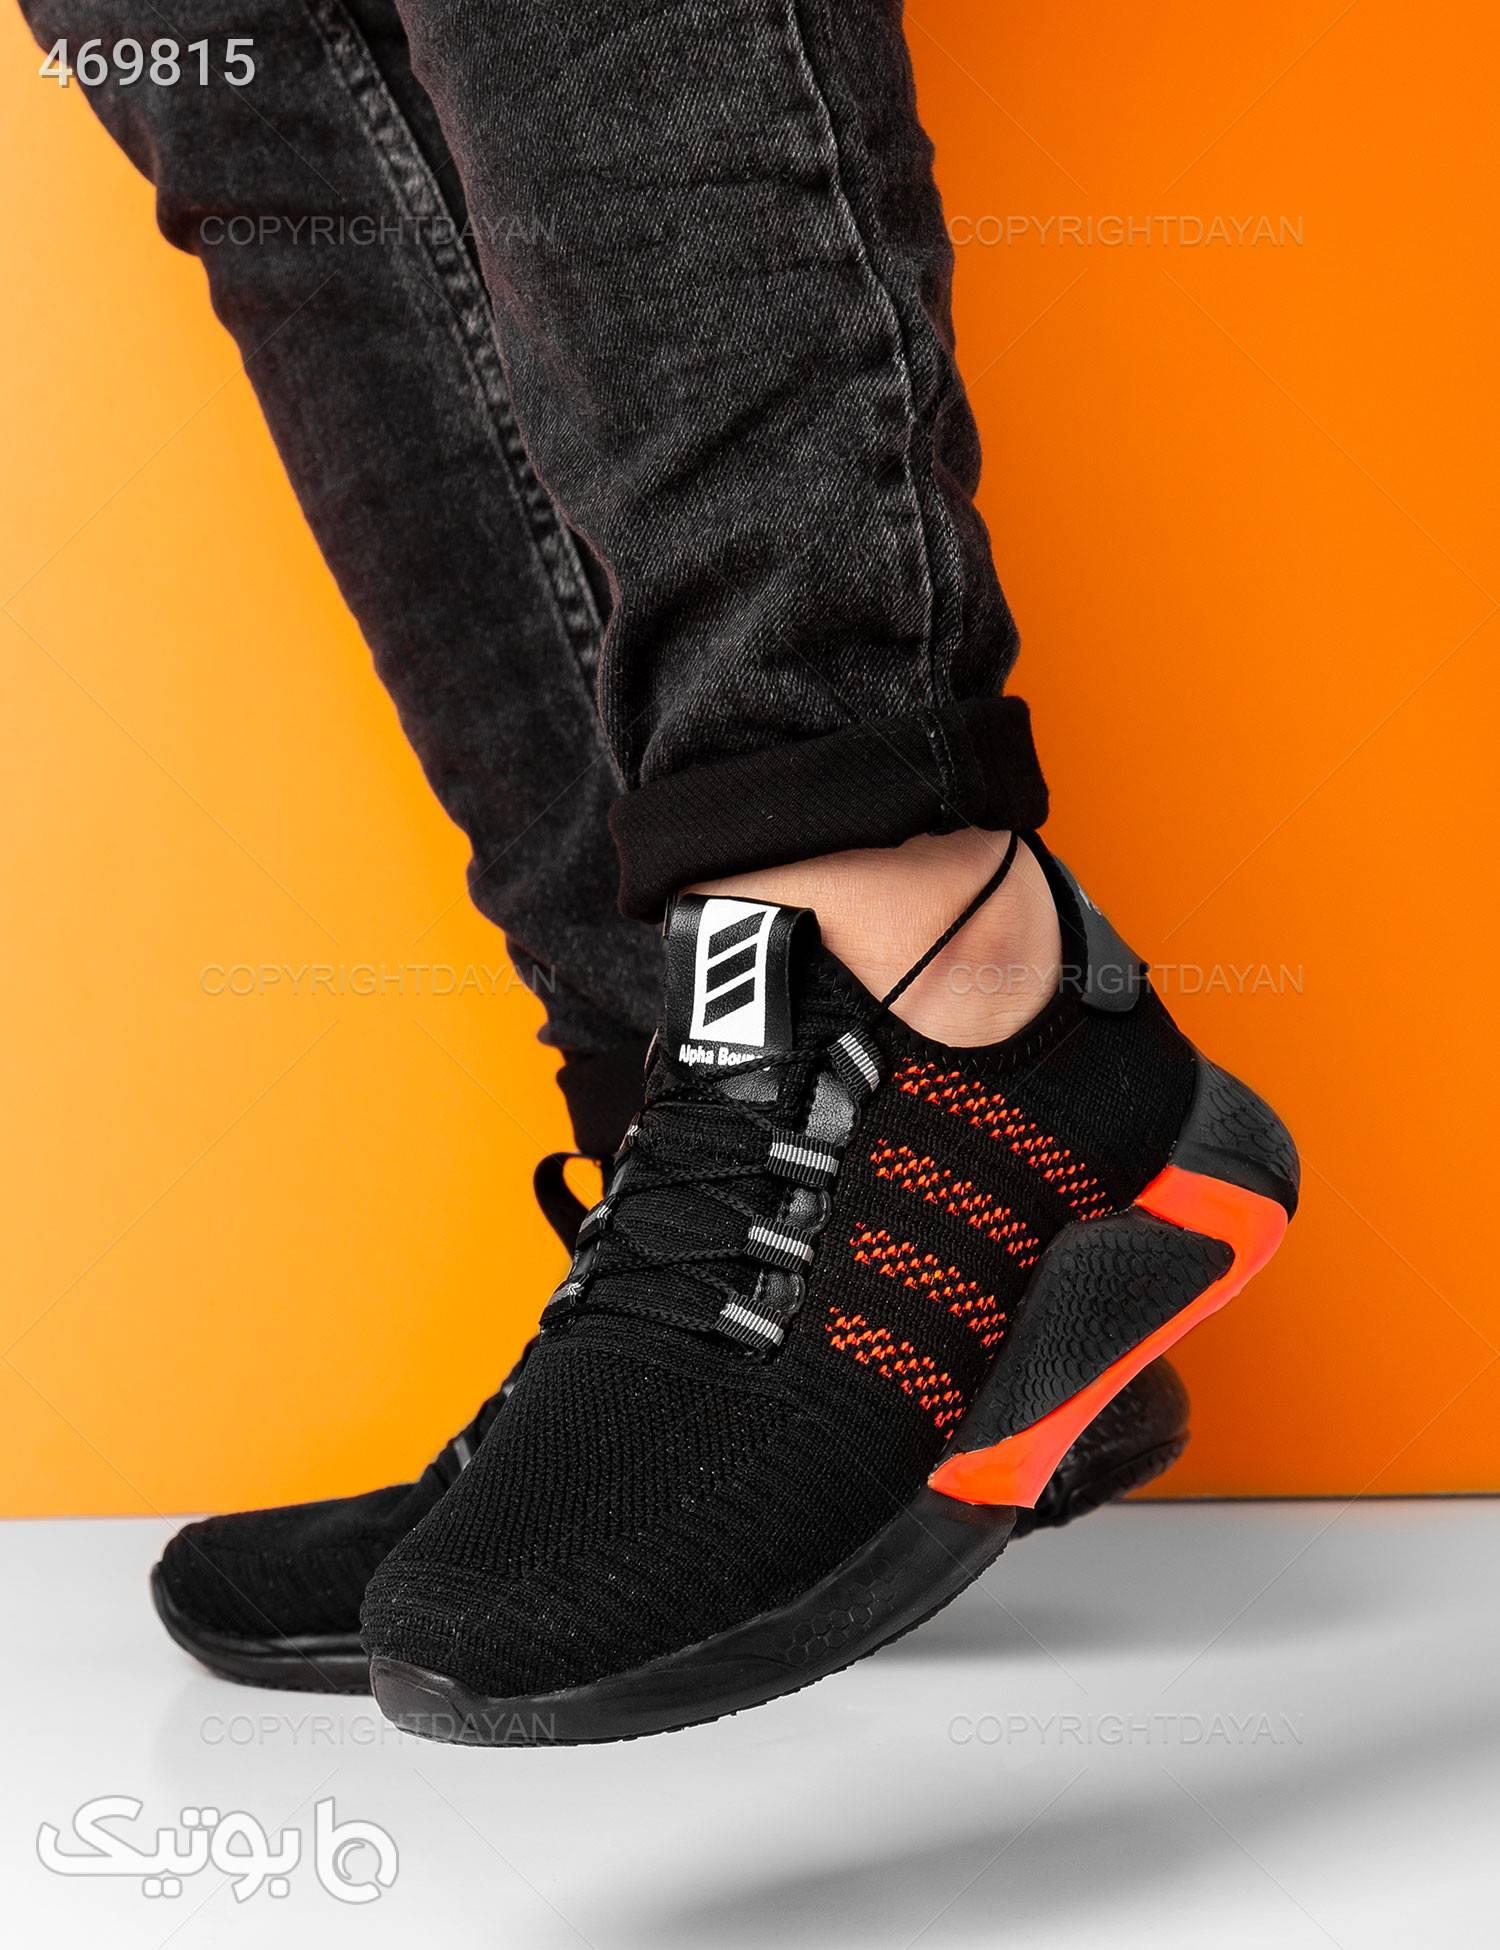 کفش ورزشی مردانه Adidas مدل 13845 مشکی كتانی مردانه